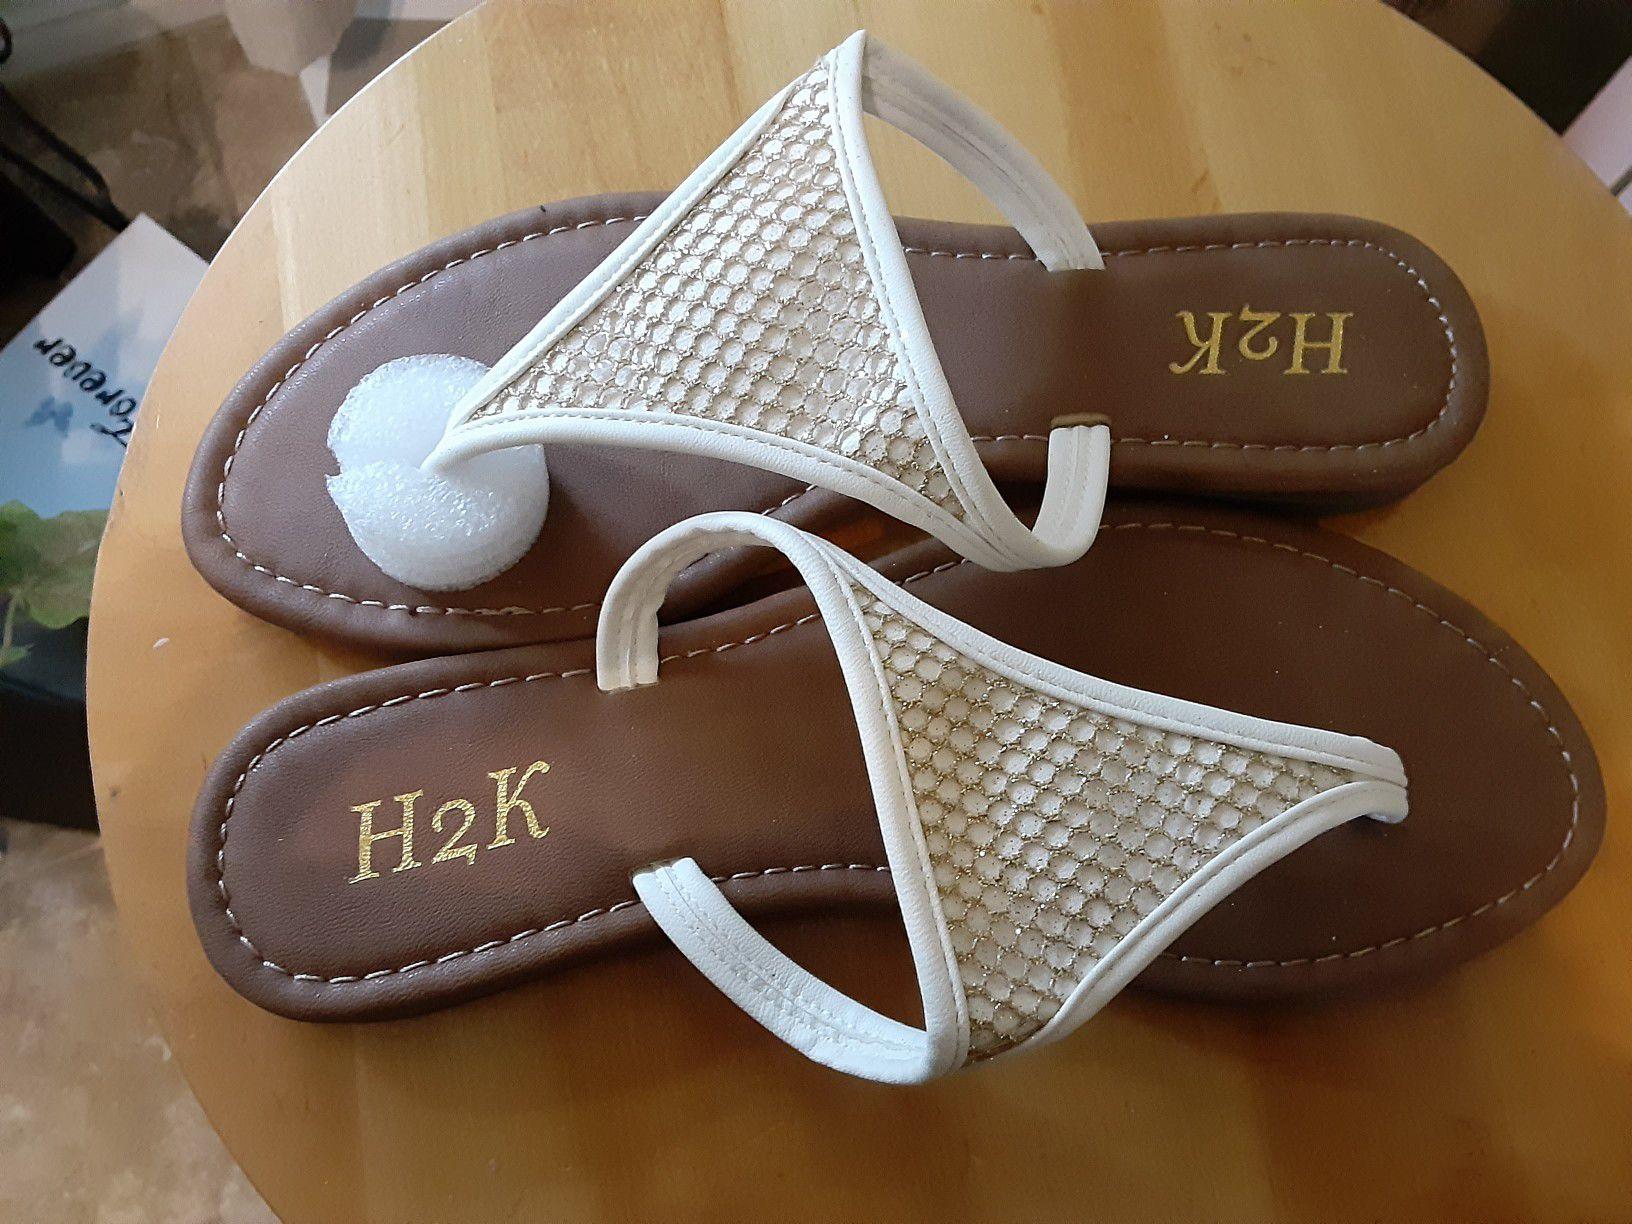 New white sandals